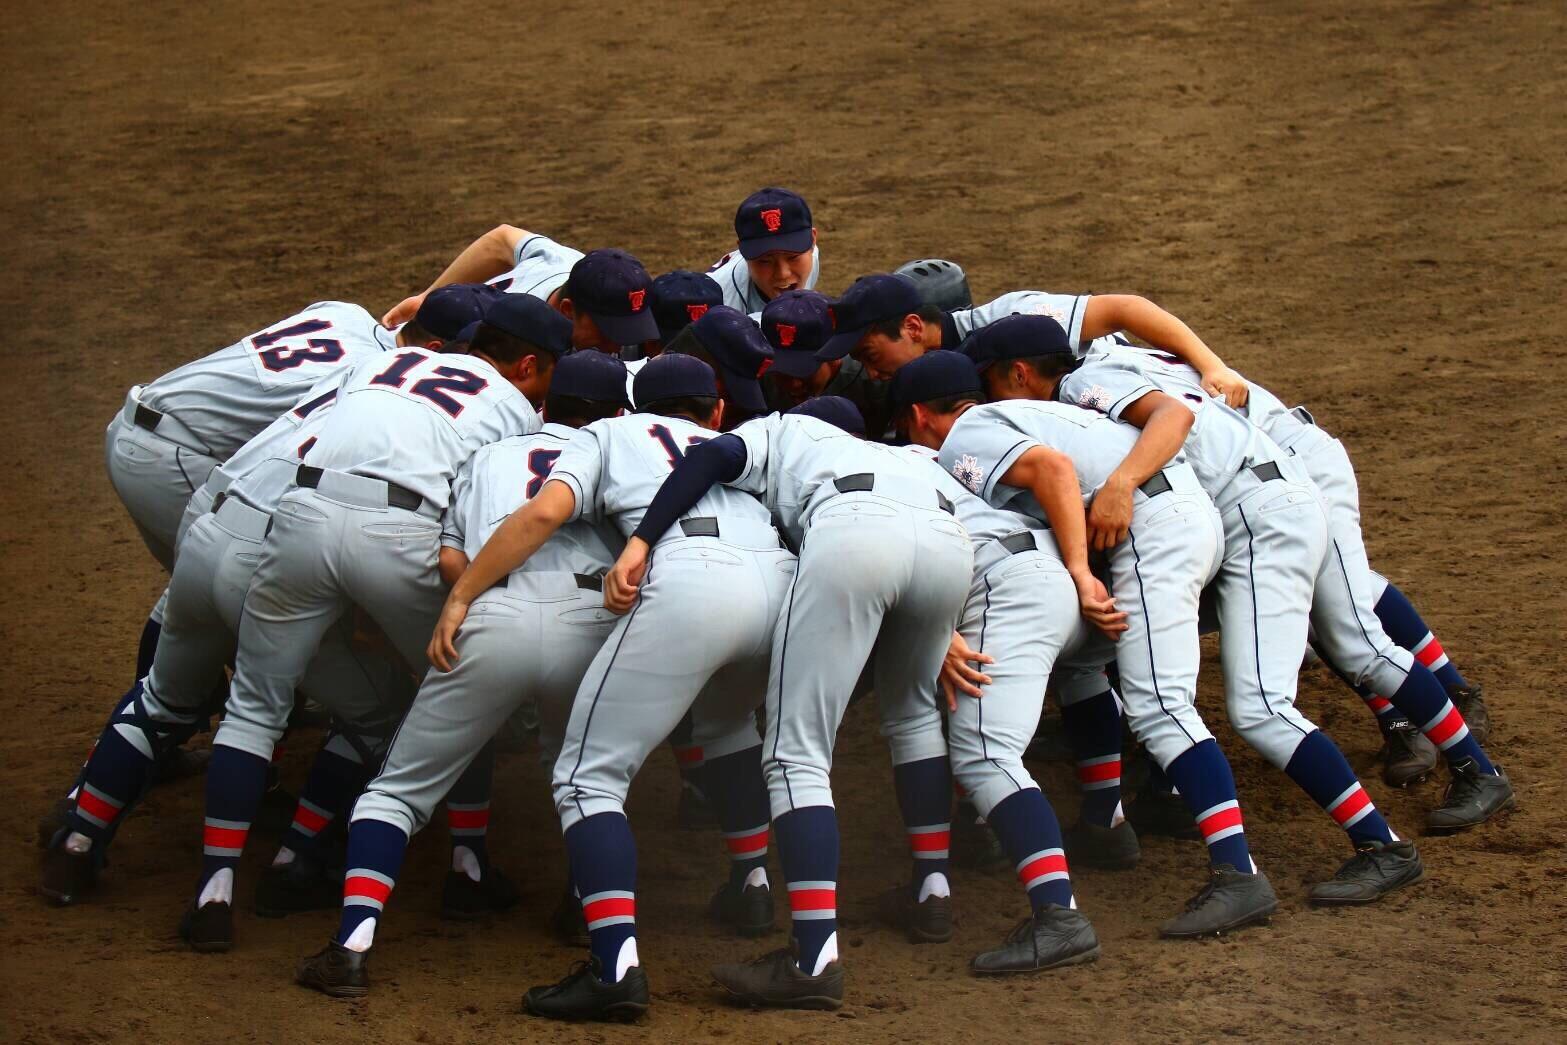 神奈川 県 高校 野球 高校野球ドットコム 【神奈川版】